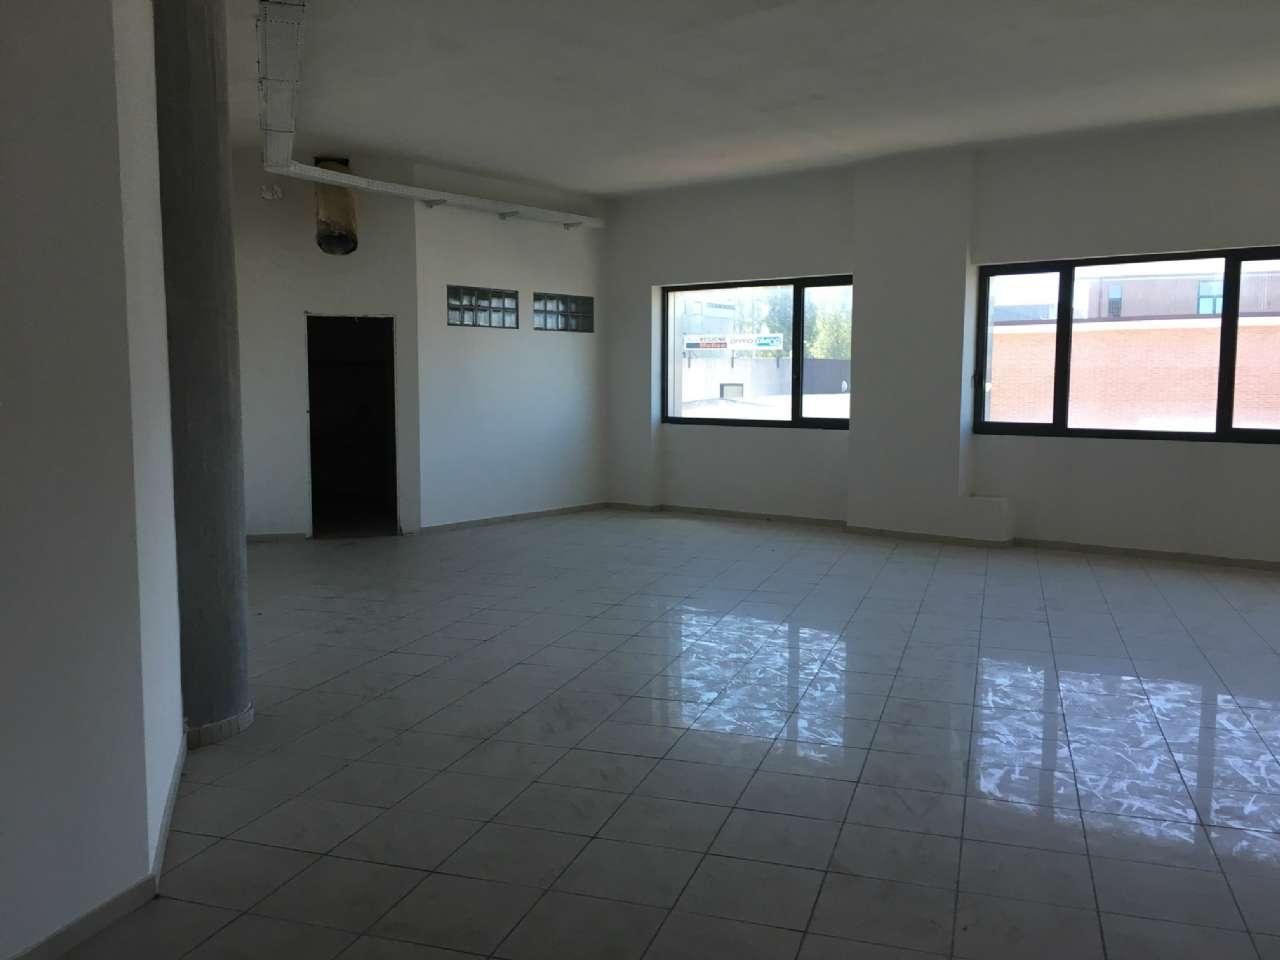 Ufficio / Studio in affitto a Campobasso, 9999 locali, prezzo € 800 | CambioCasa.it